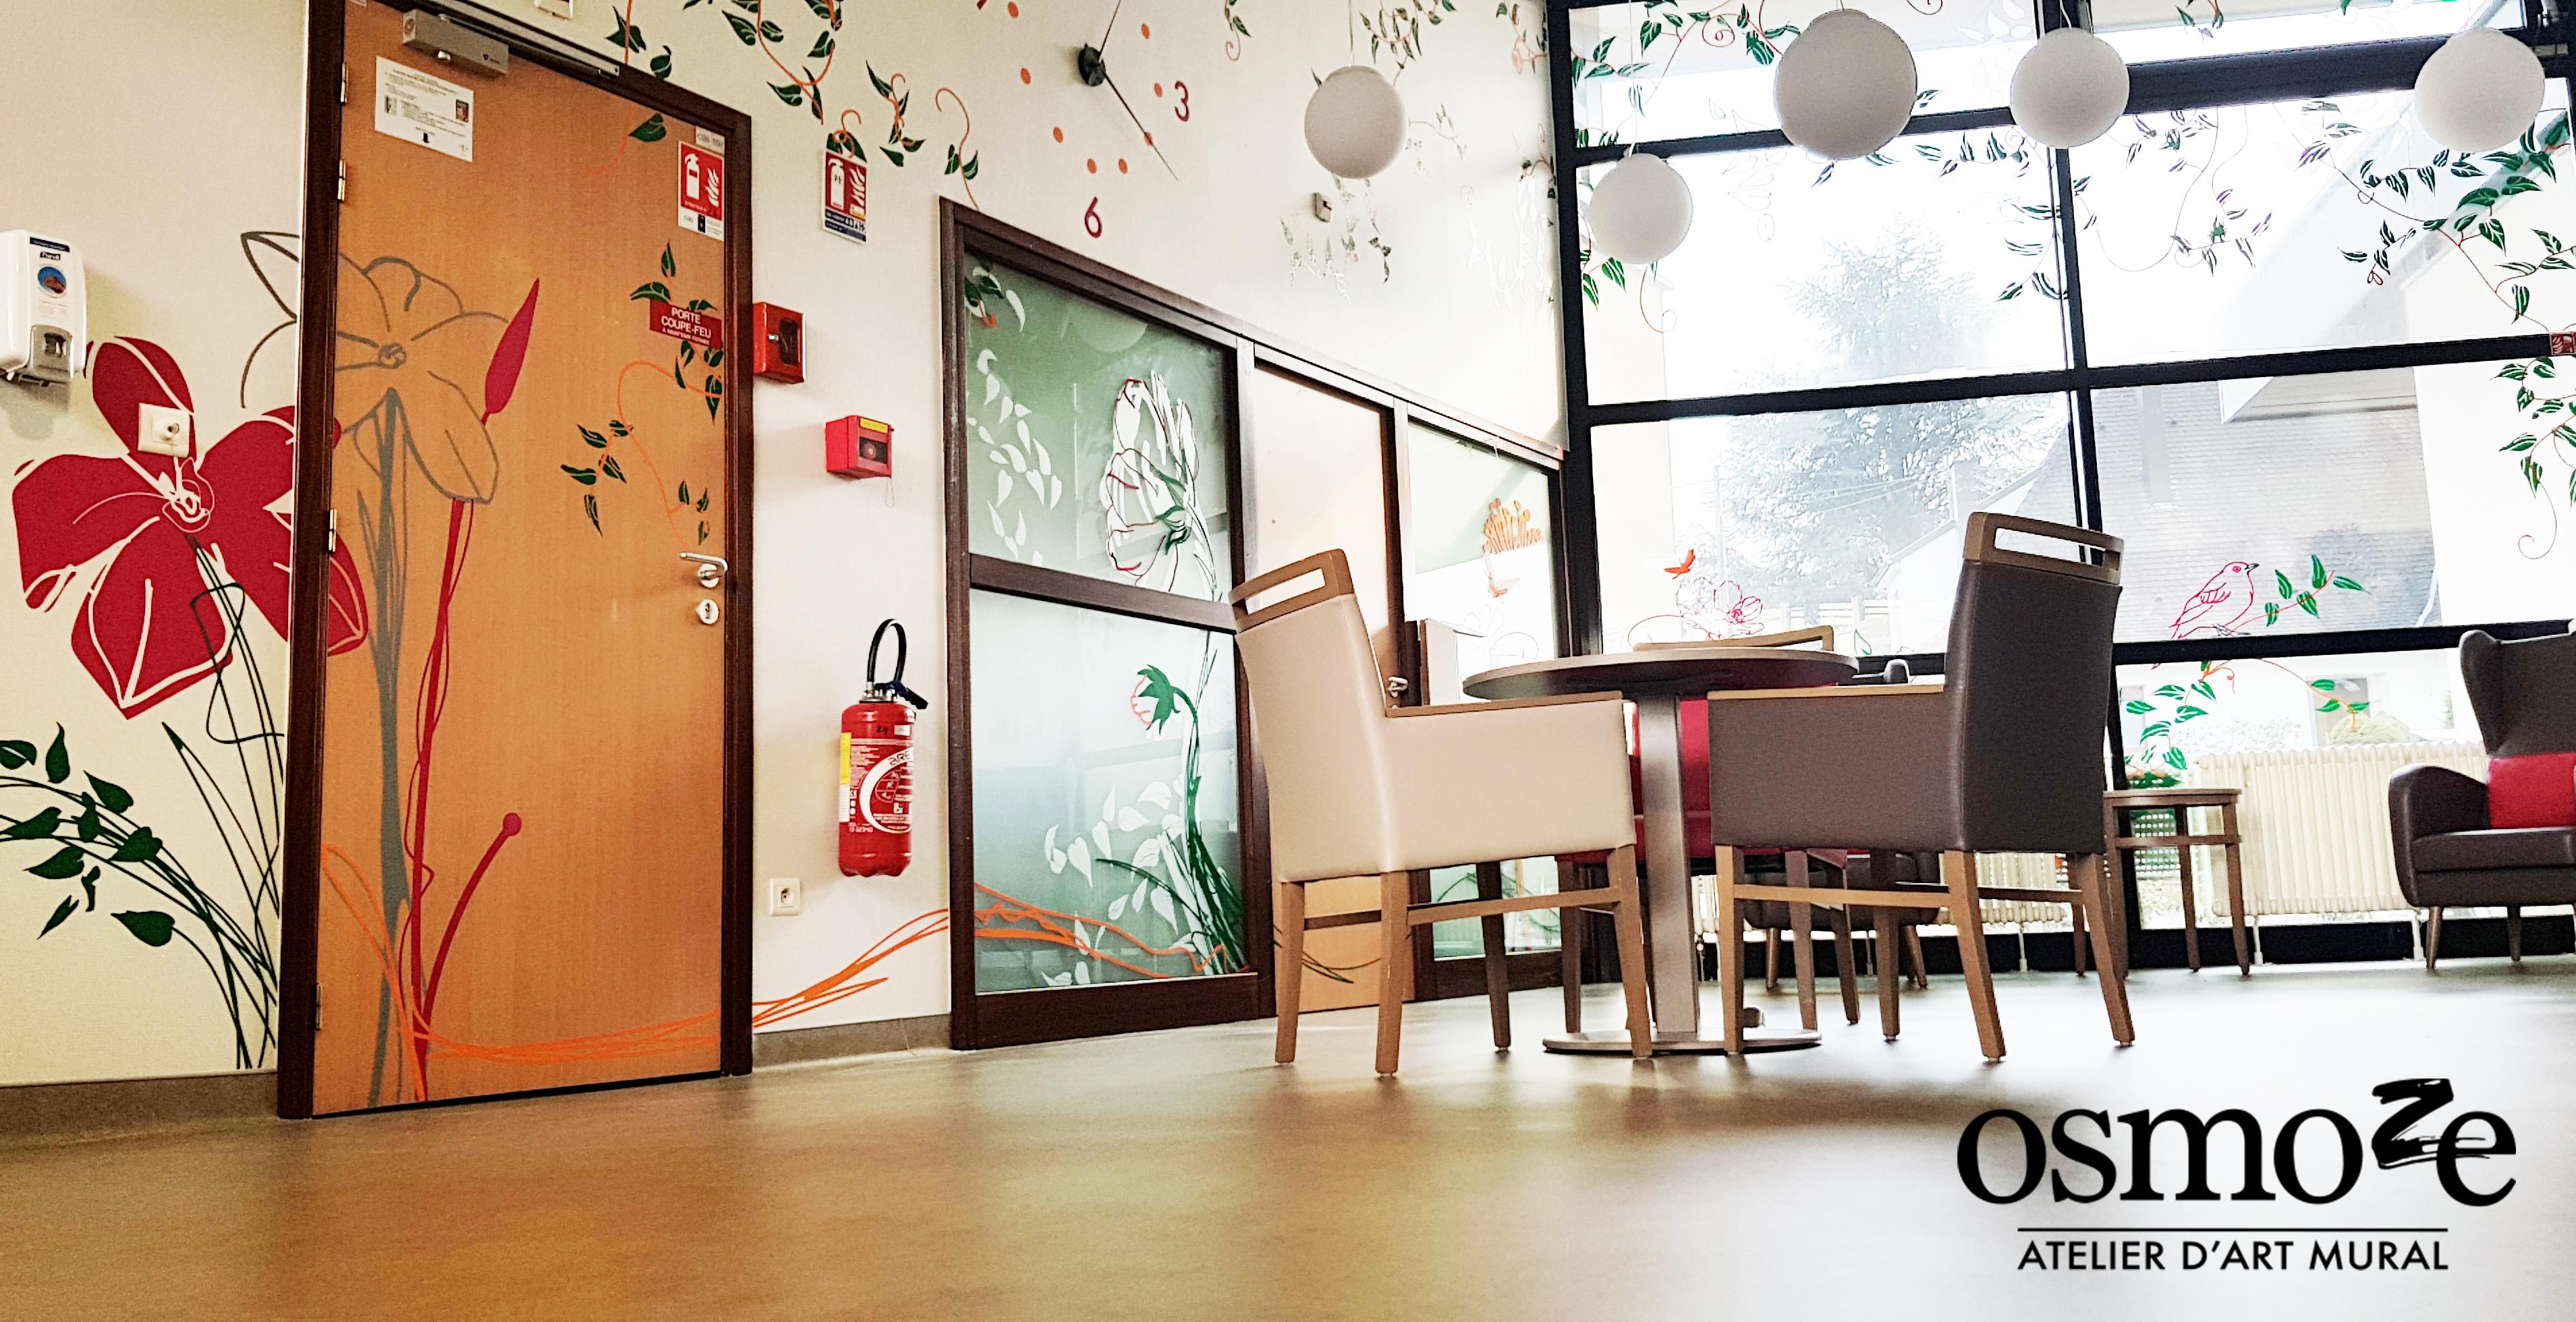 Décoration murale et signalétique artistique > Osmoze > Fresque design > Pfafstatt